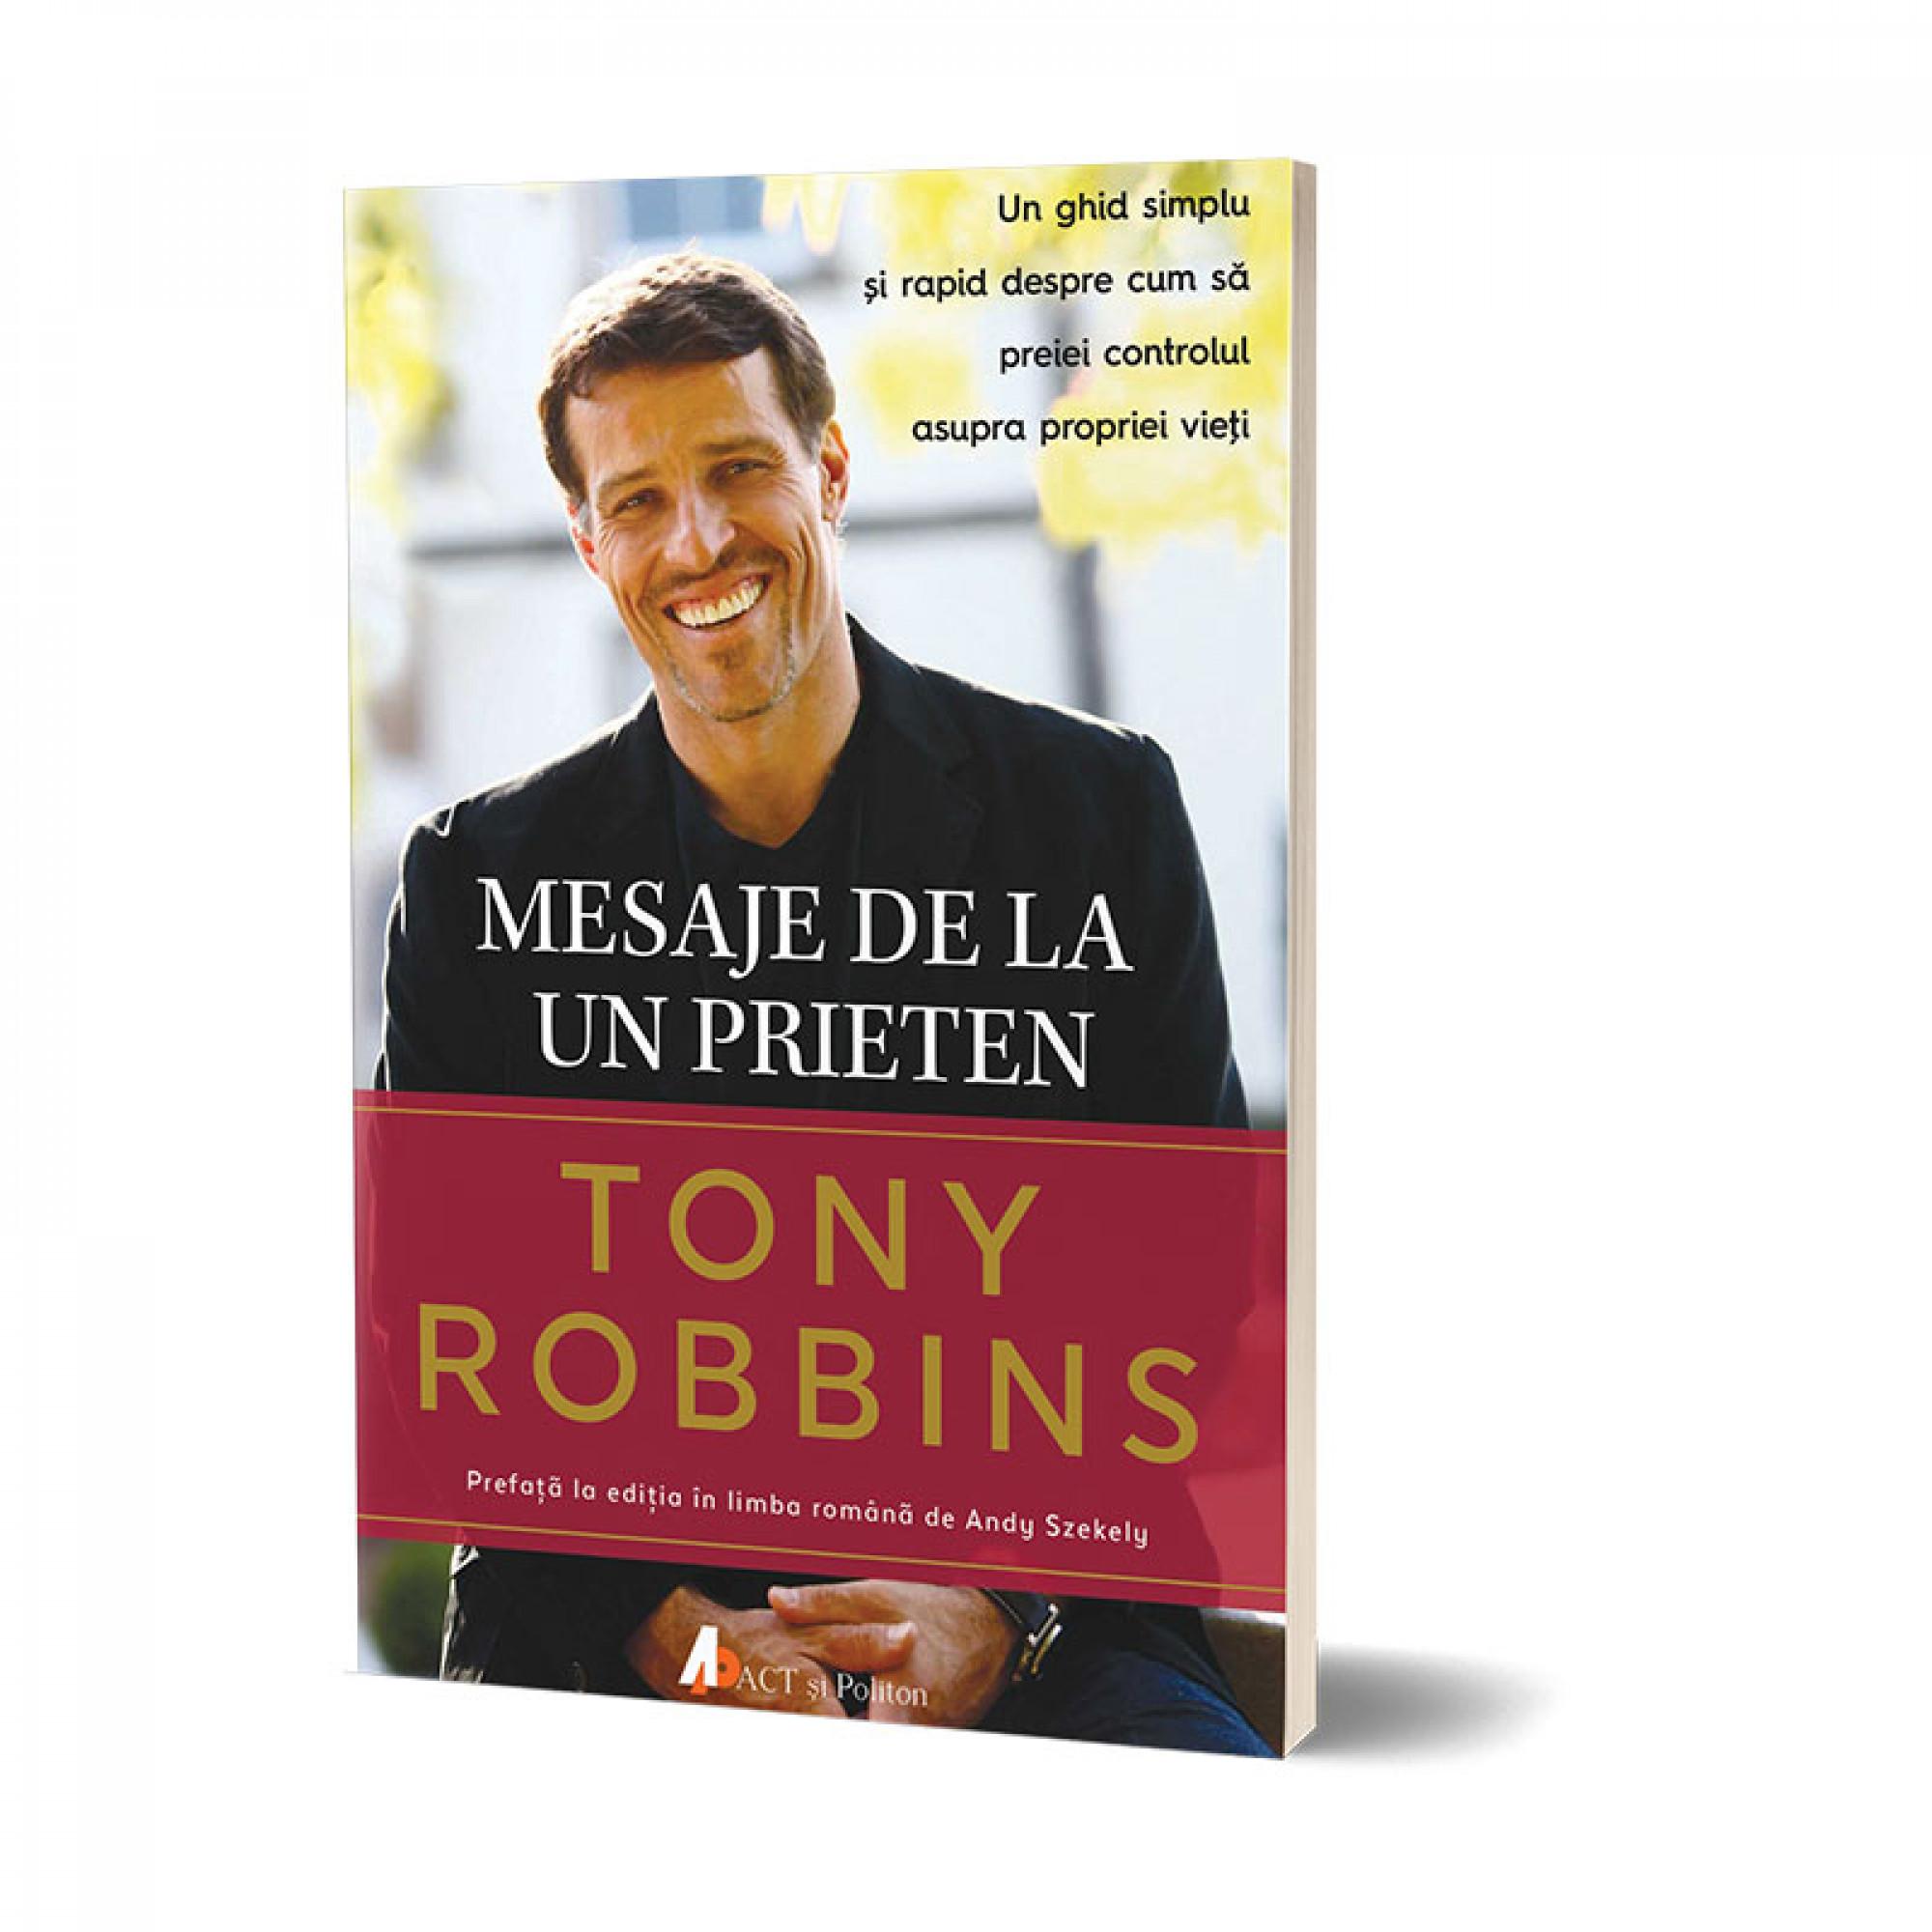 Mesaje de la un prieten; Tony Robbins